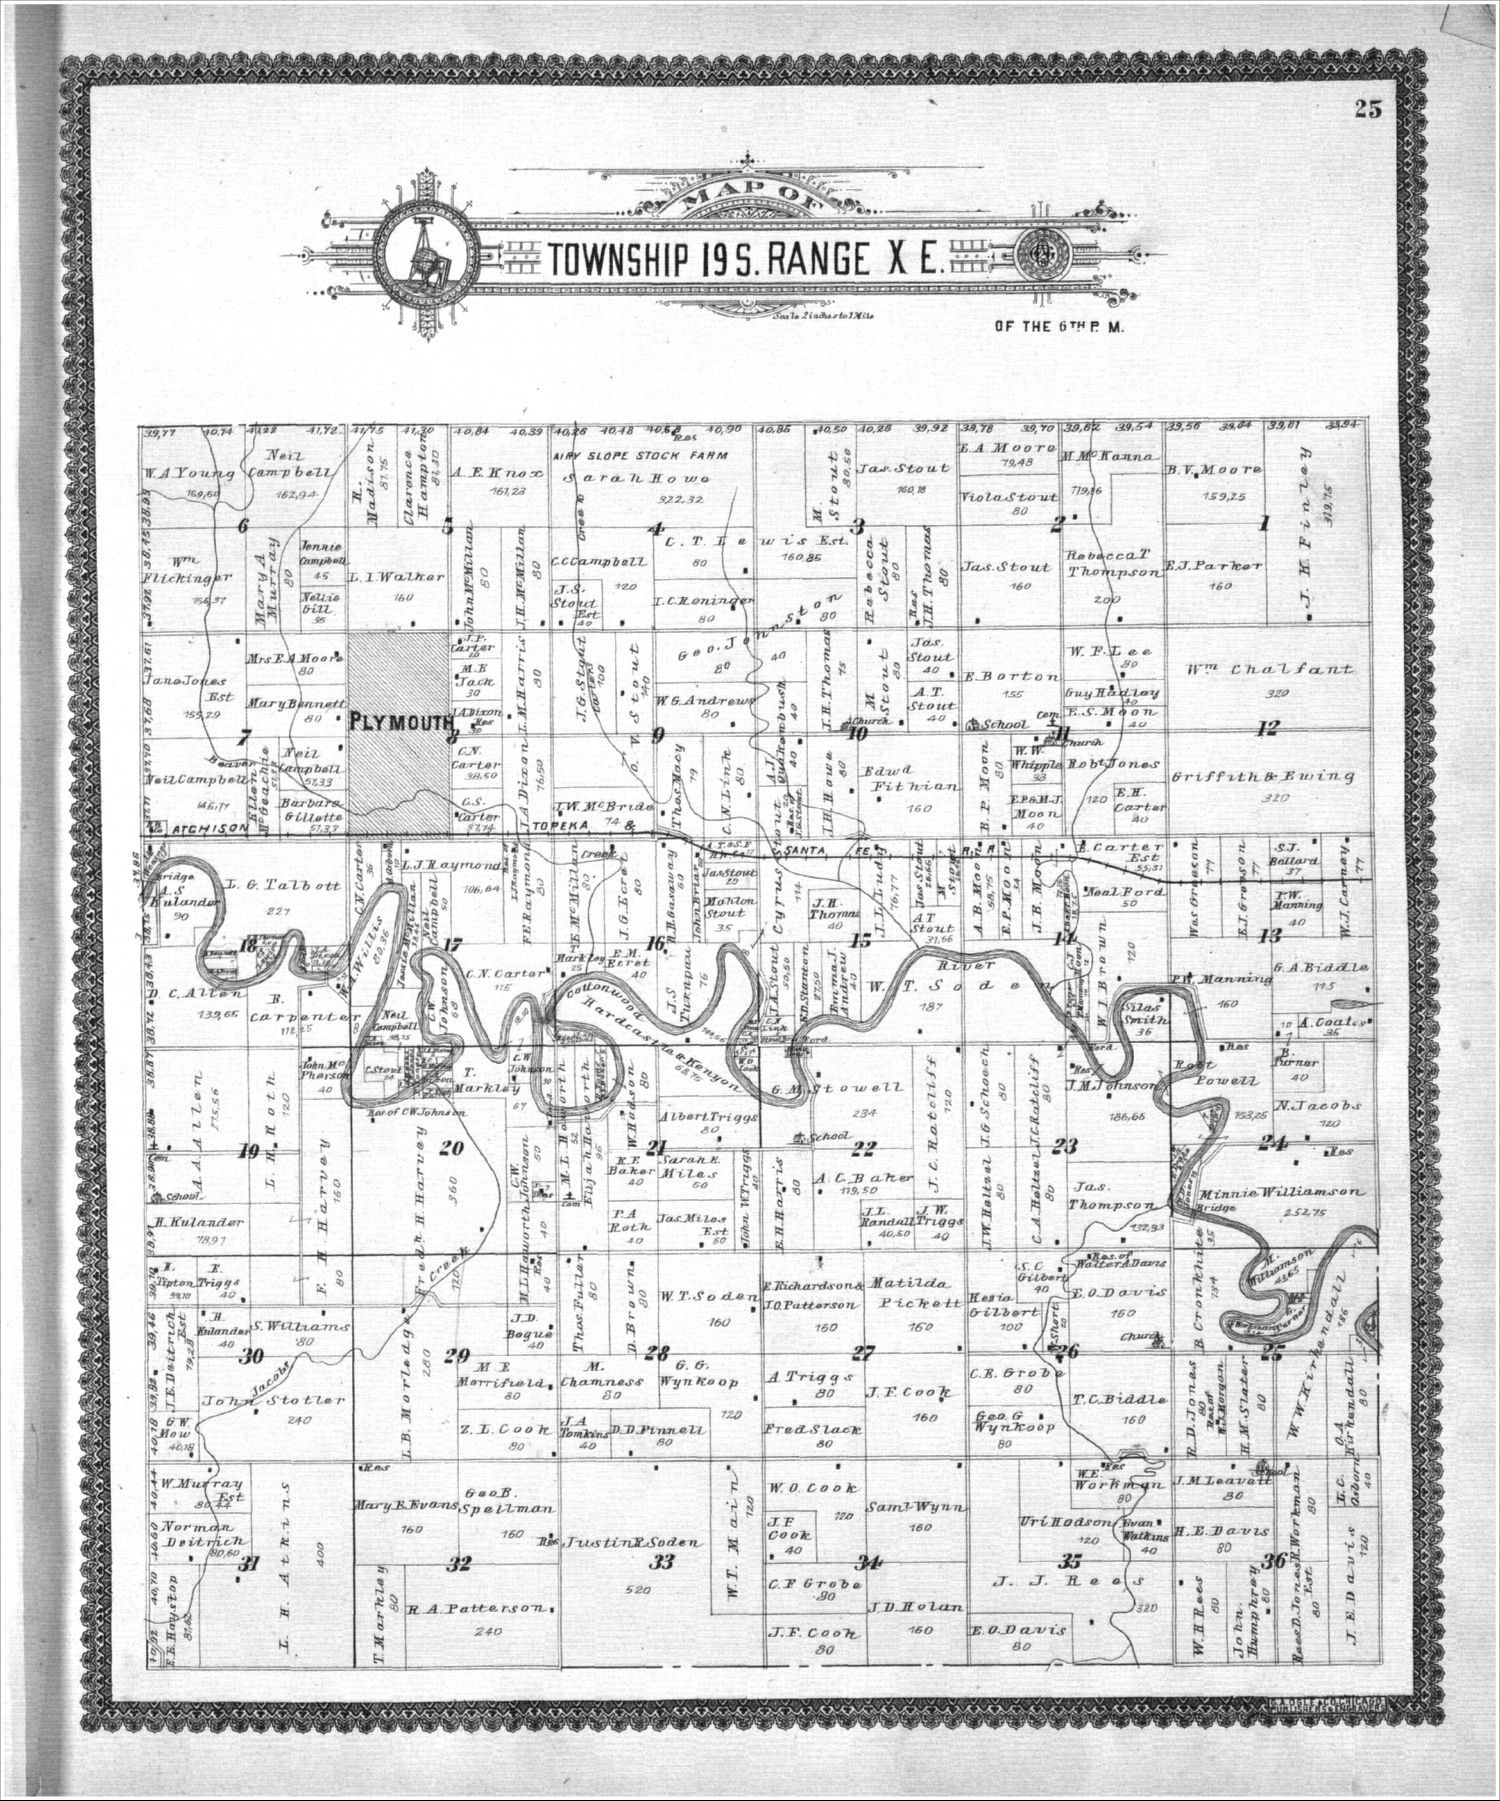 Standard atlas, Lyon County, Kansas - 25